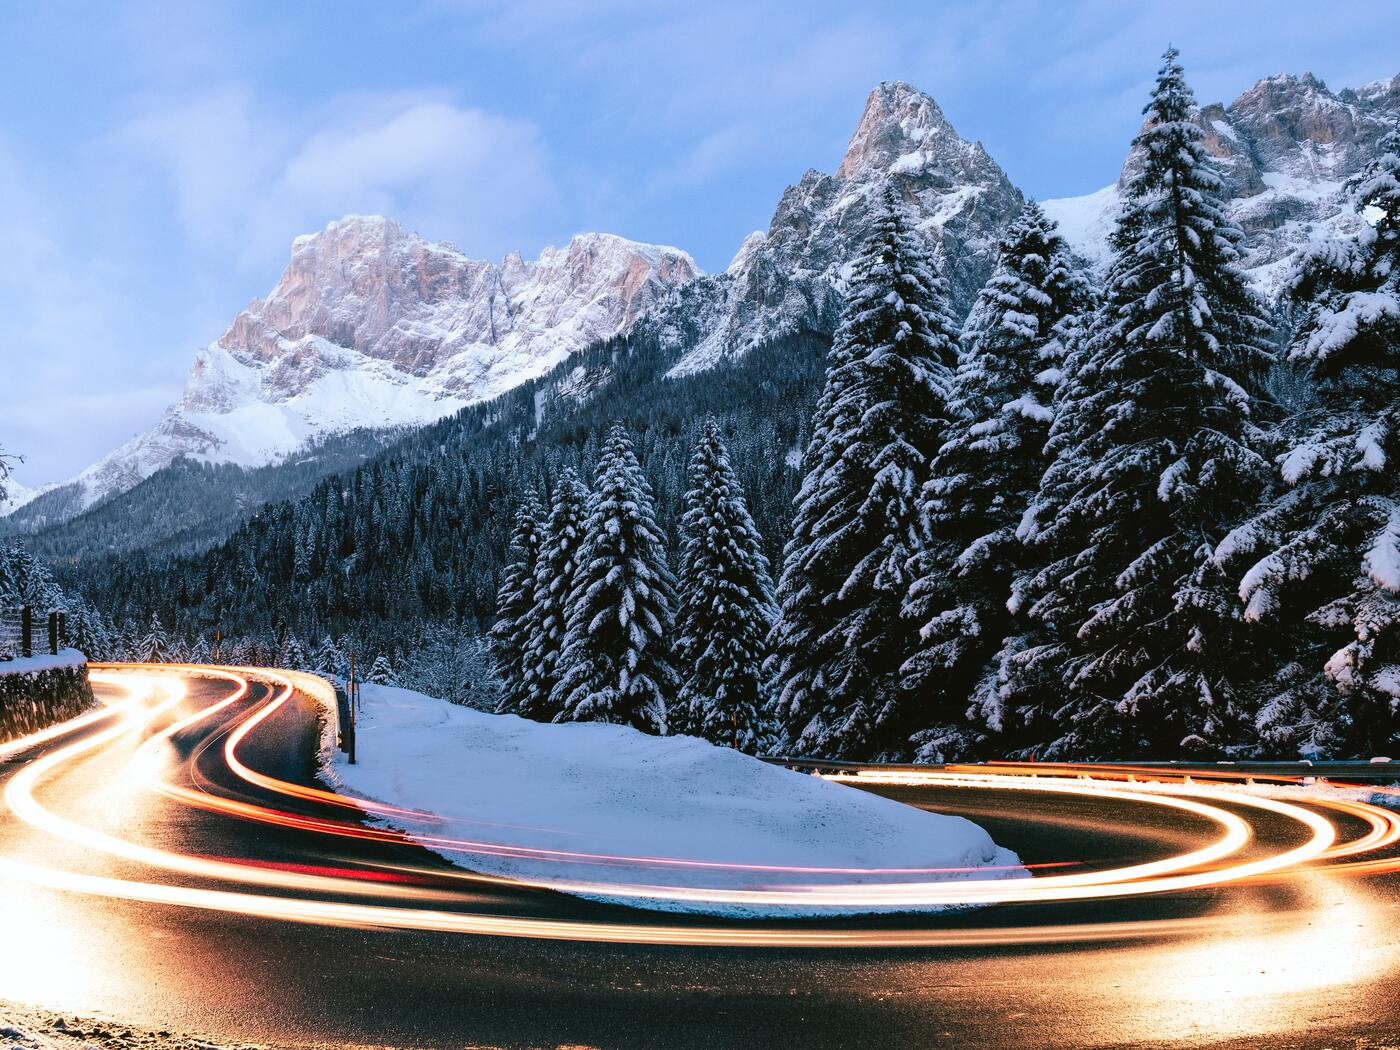 long-exposure-road-timelapse-winter-5k-ss.jpg